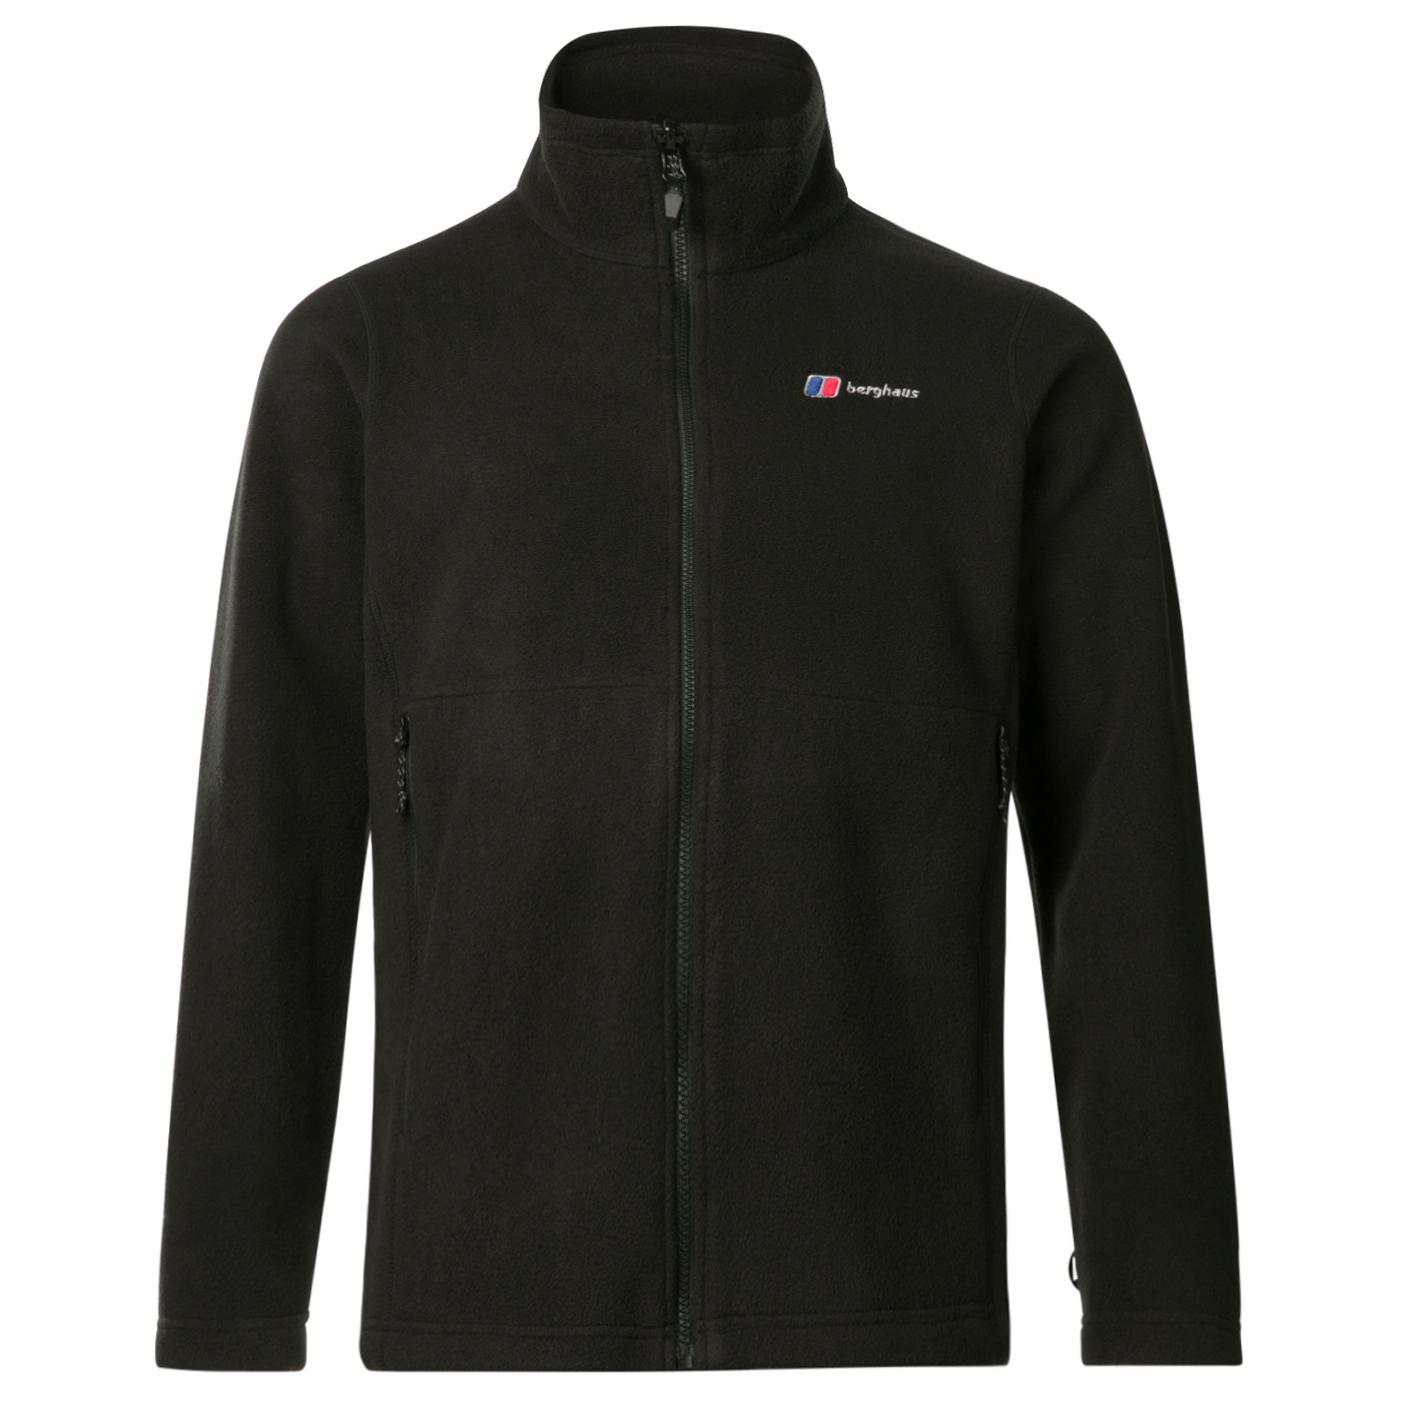 Berghaus Prism PT InterActive Fleece Jacket Fleecejacke Black Black | XS